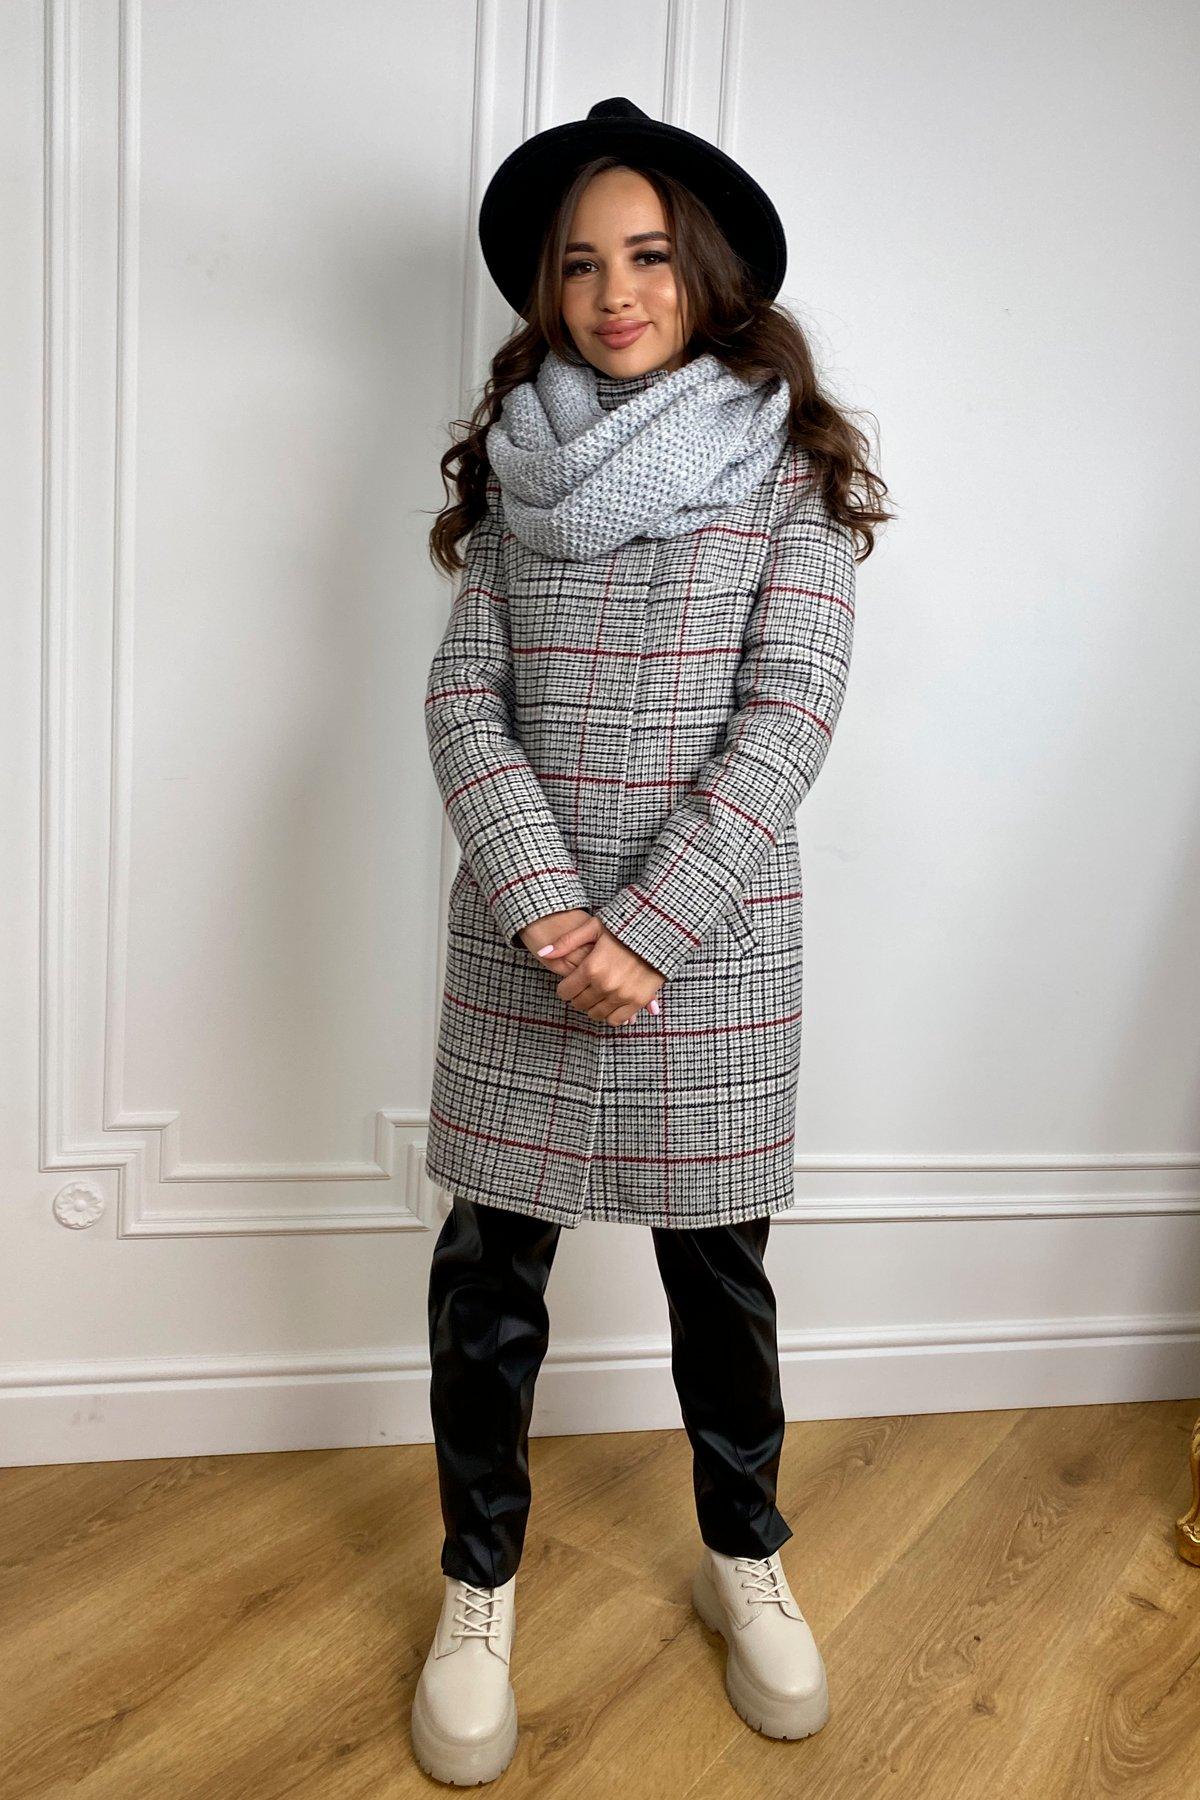 Купить женское зимнее пальто в Украине Modus Пальто зима Фортуна 8317 в клетку